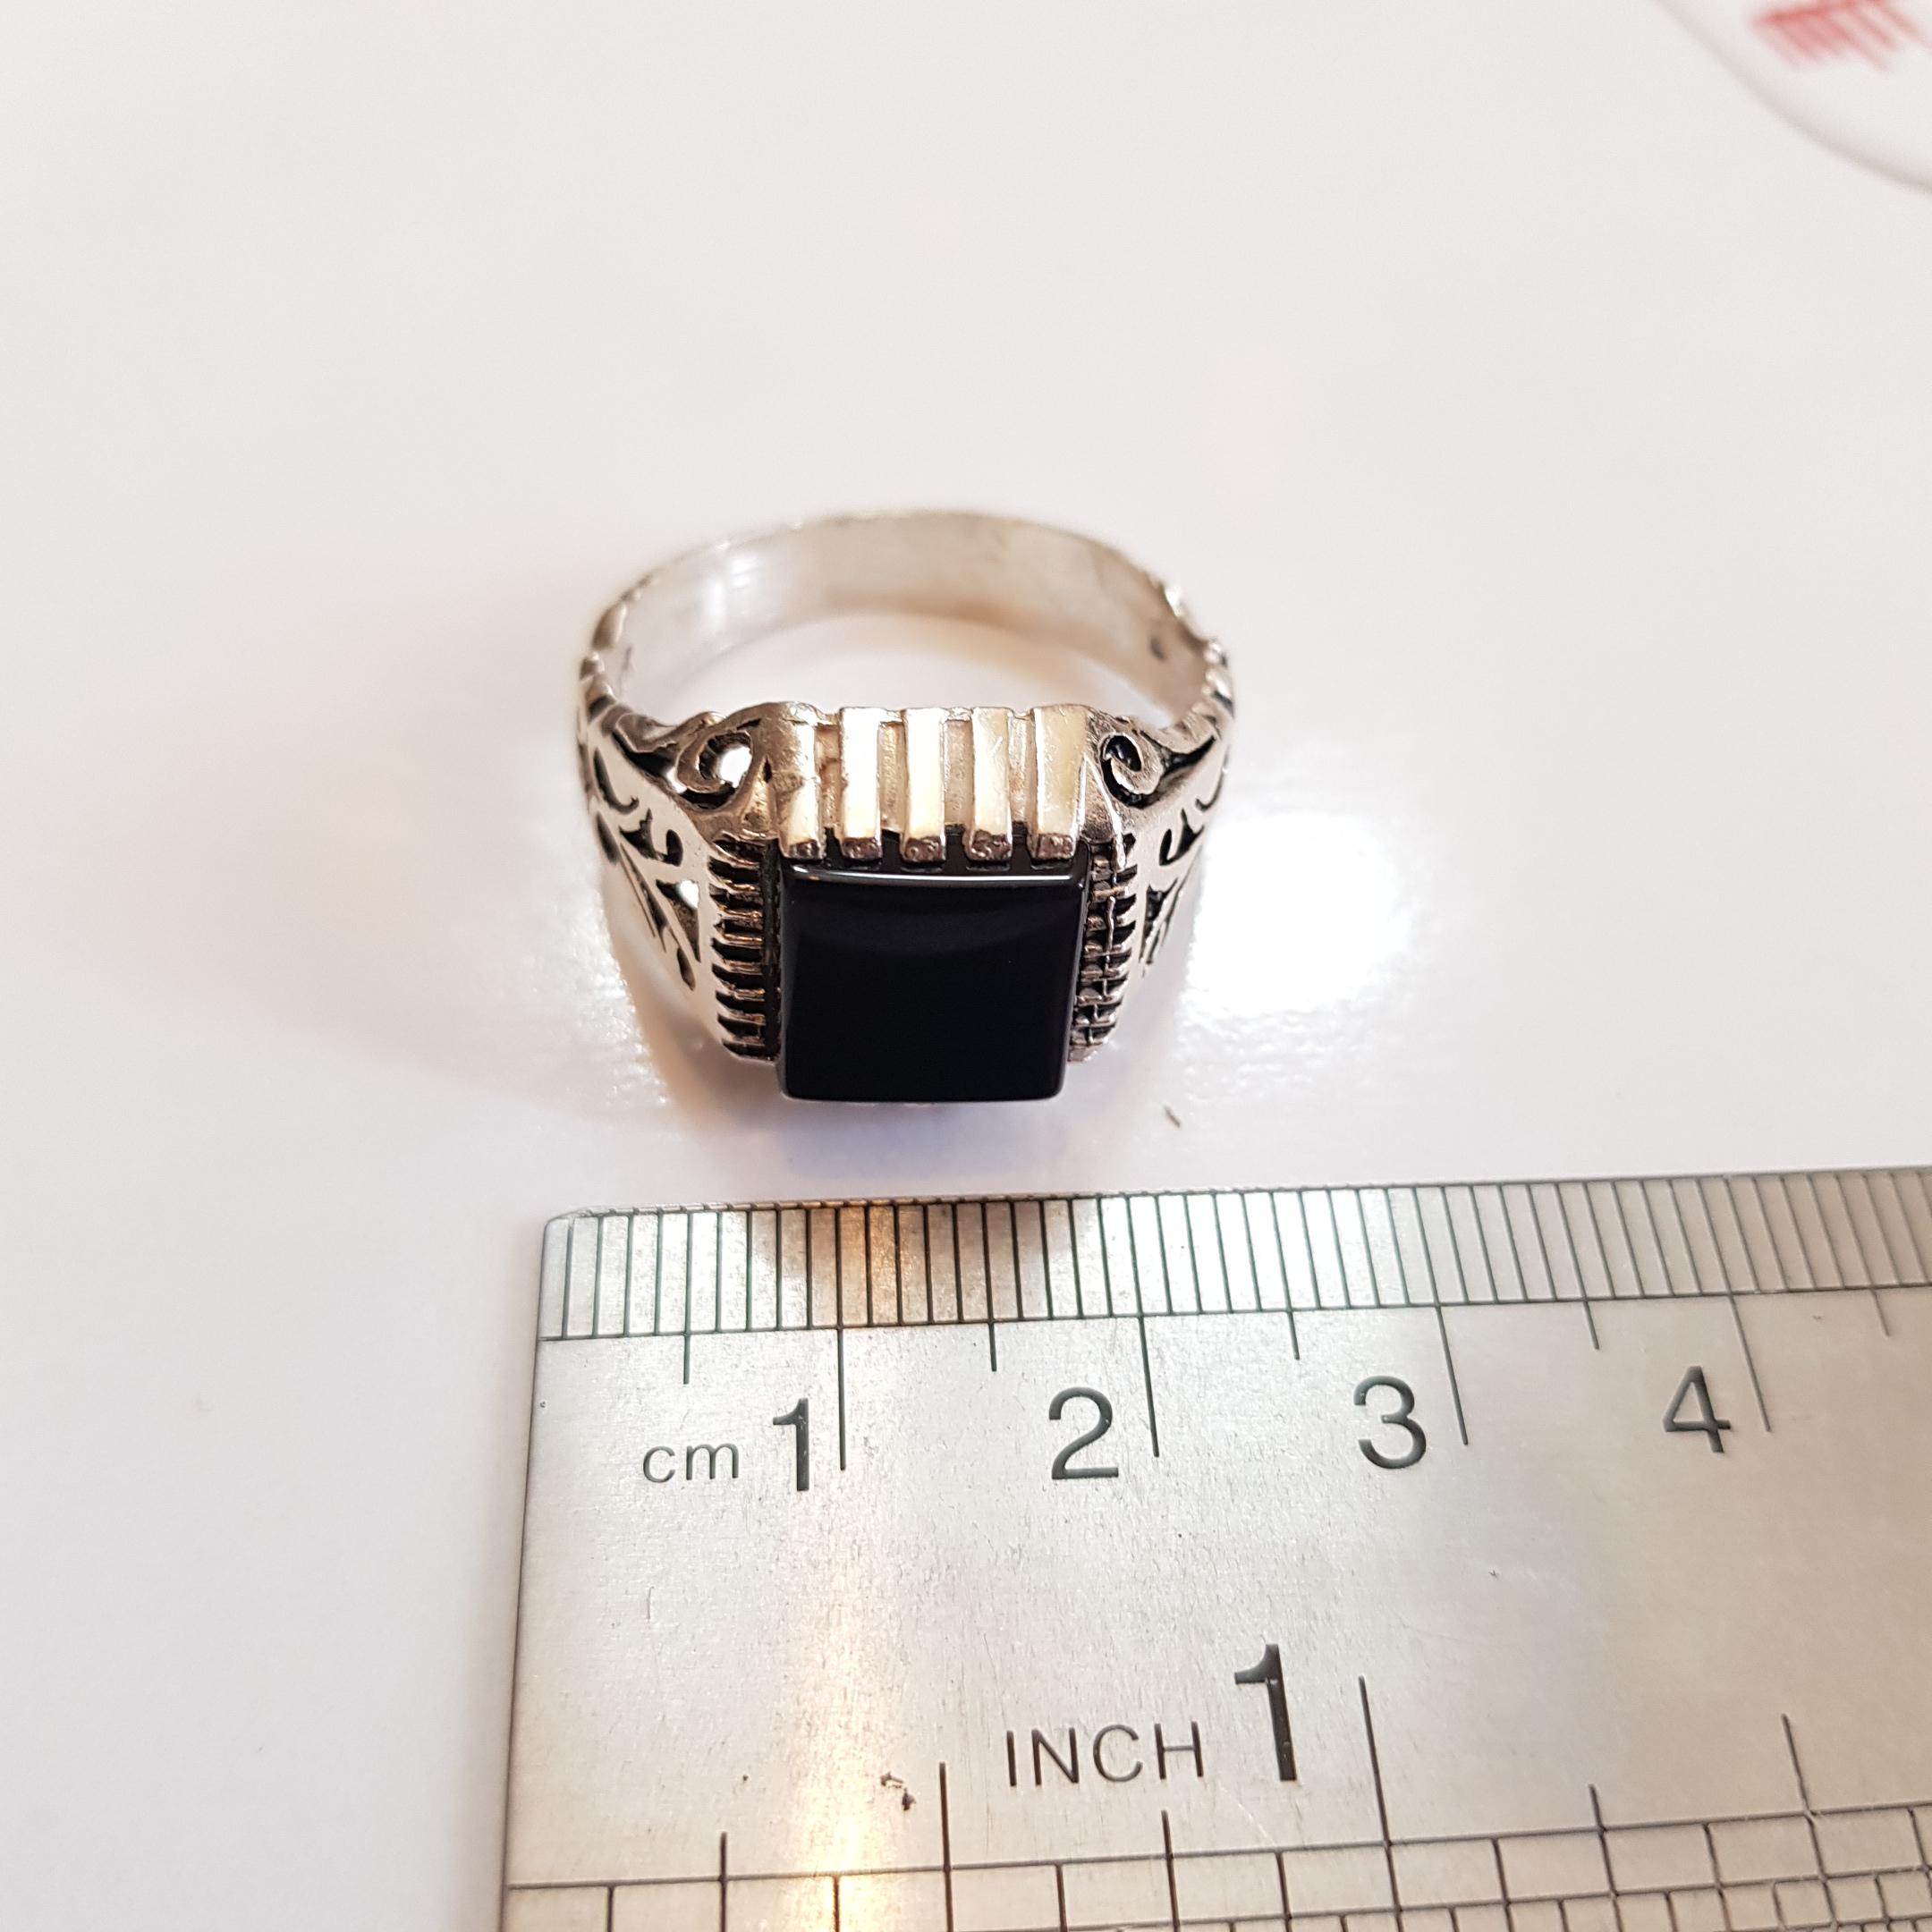 انگشتر نقره مردانه سلین کالا مدل ce-gha-an48